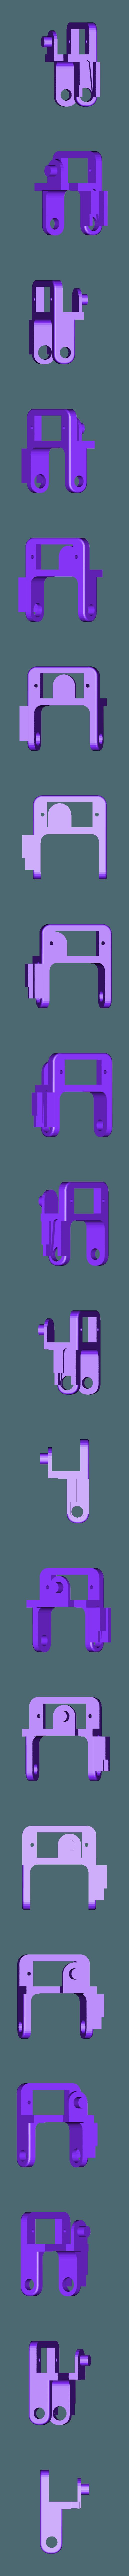 Cora_r_MG90.stl Télécharger fichier STL gratuit Robot Spider Bug (robot quadrupède, quadrupède)-MG90 • Design pour impression 3D, kasinatorhh